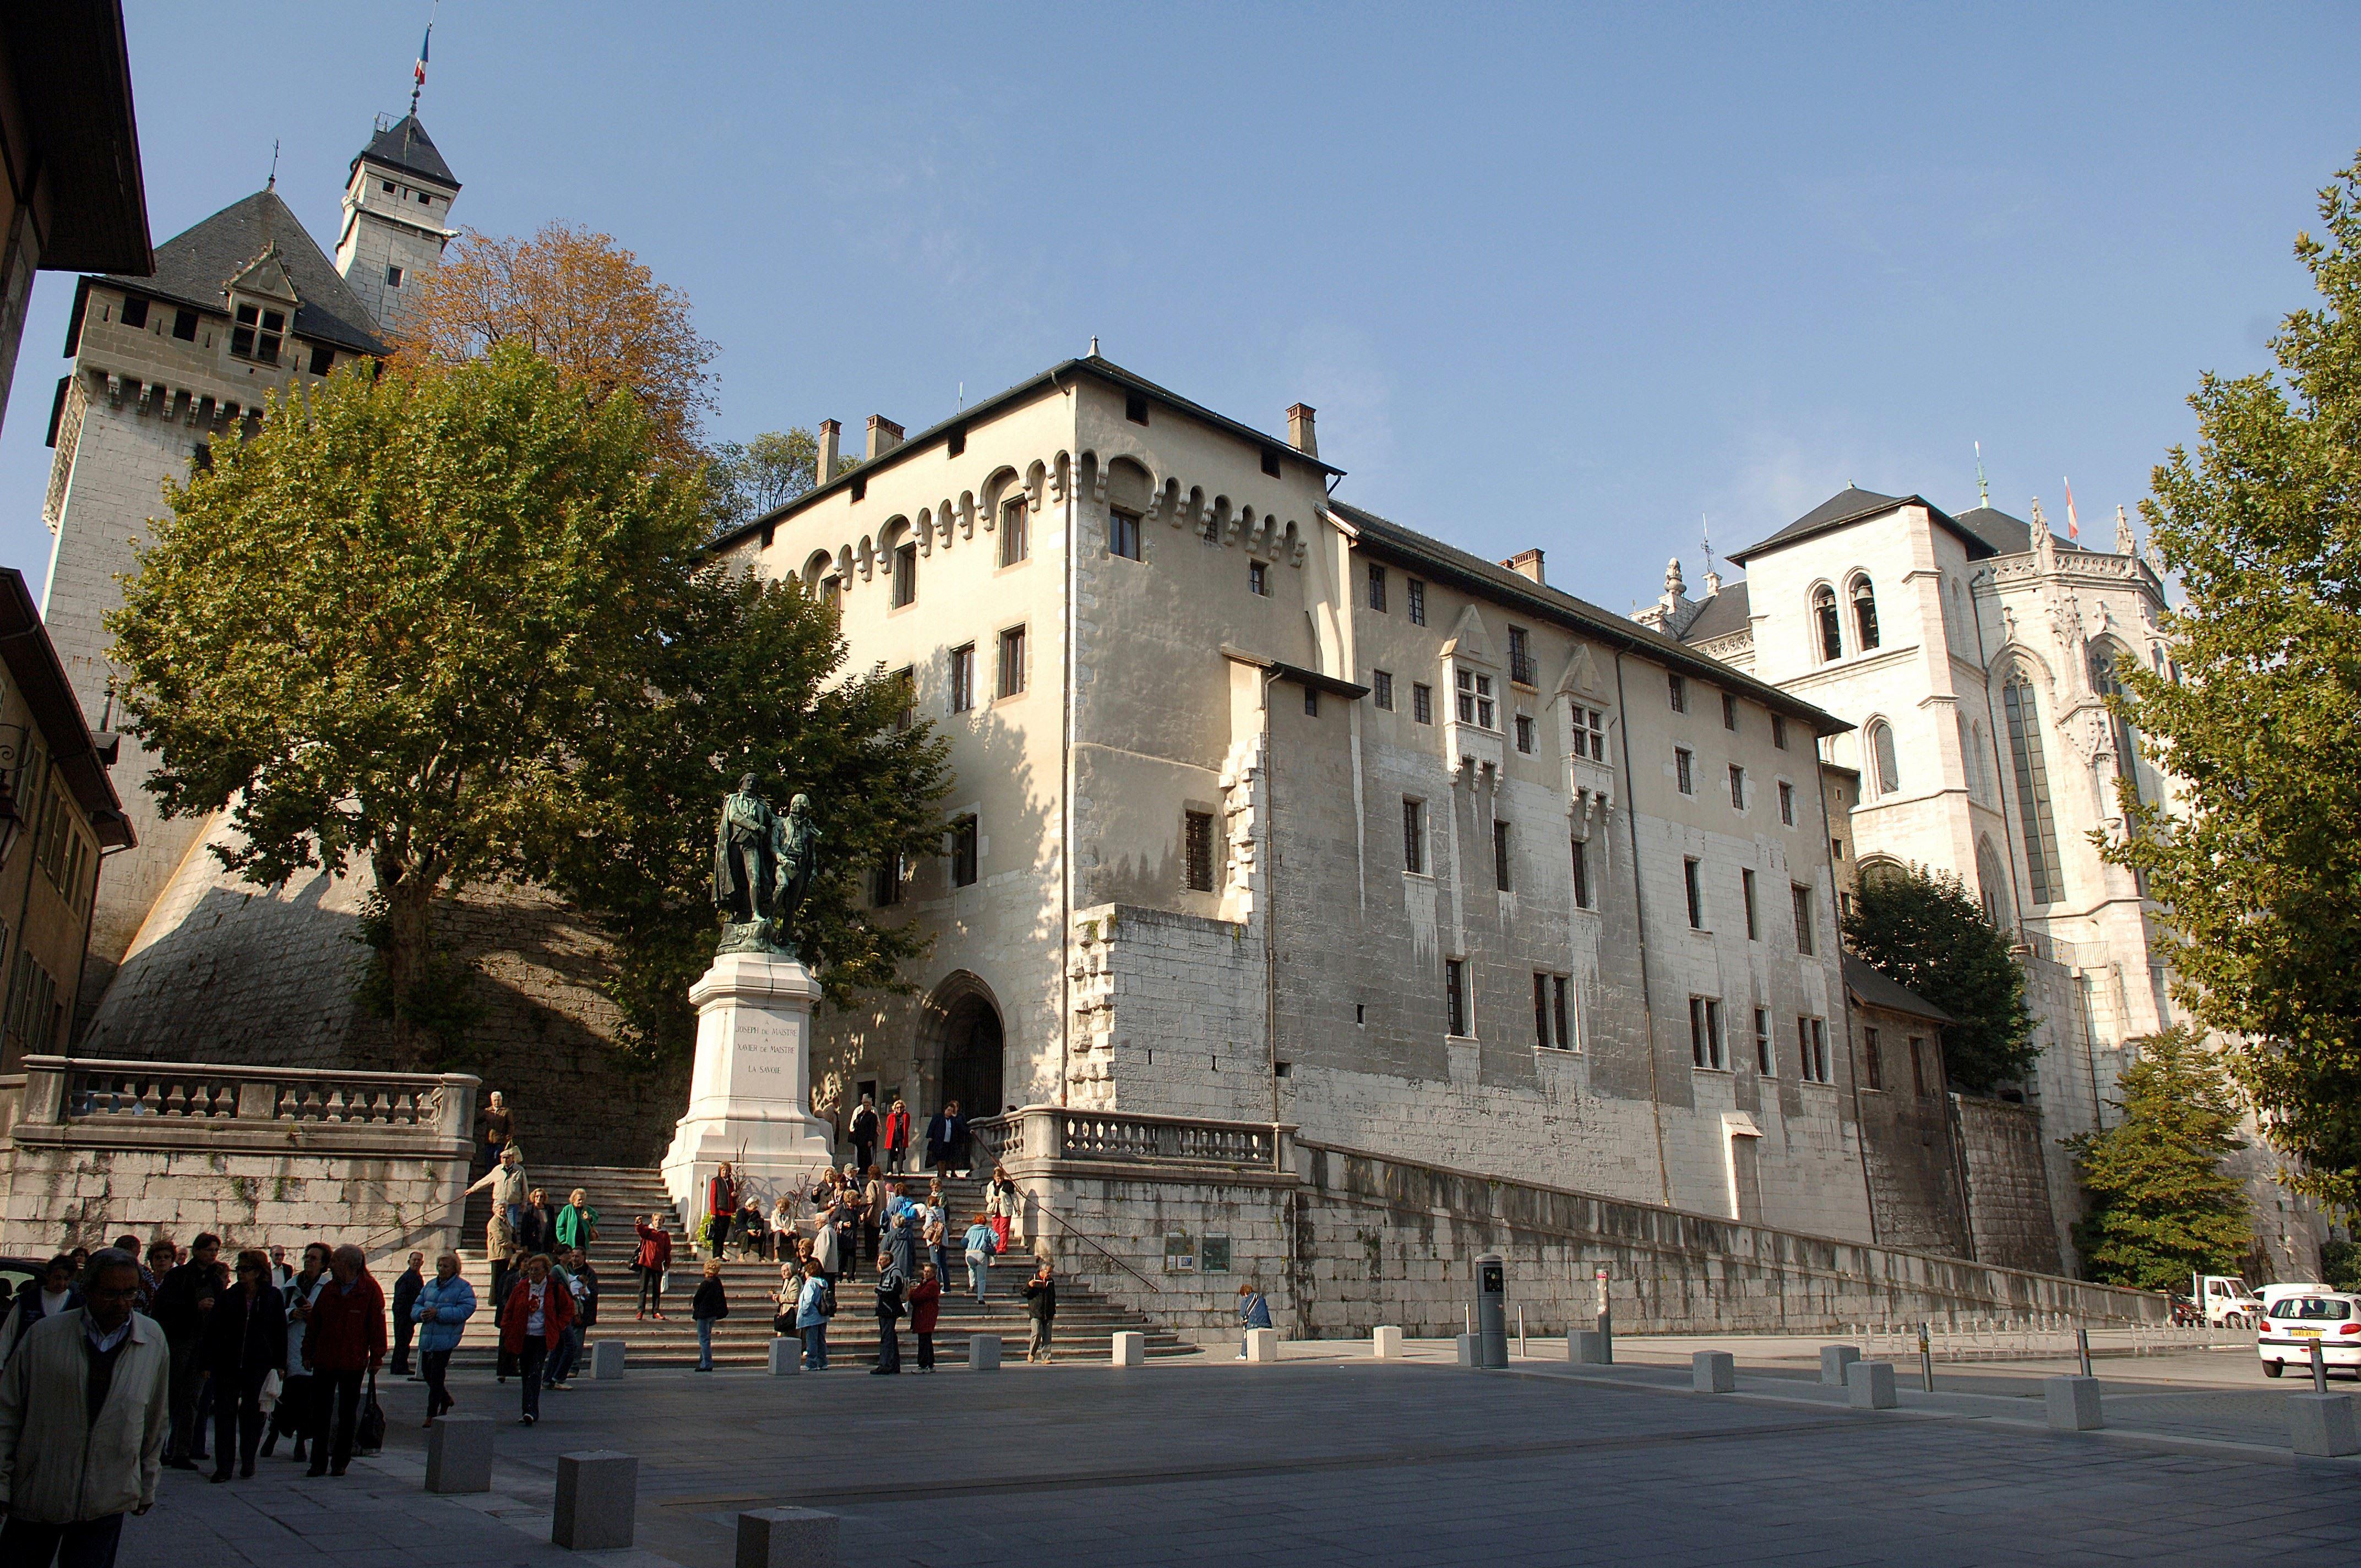 Le Château des Ducs de Savoie - Visite guidée